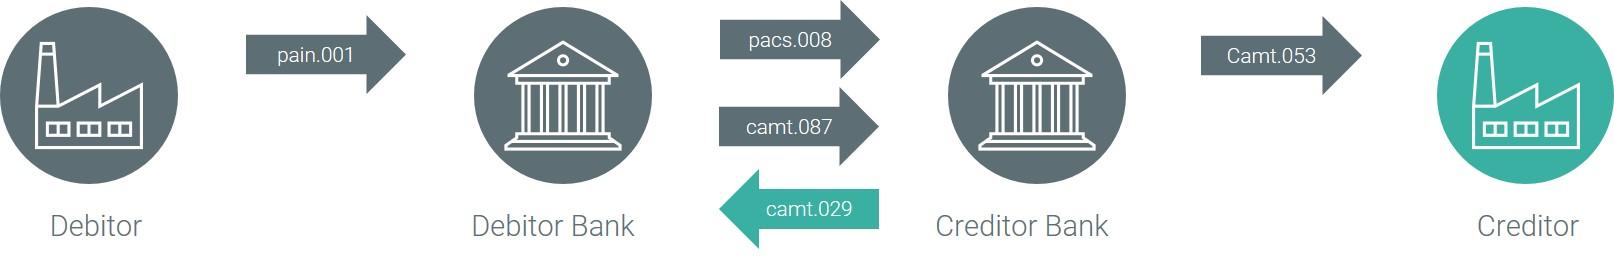 Zins- bzw. Gebührenausgleich via camt.029.001.08